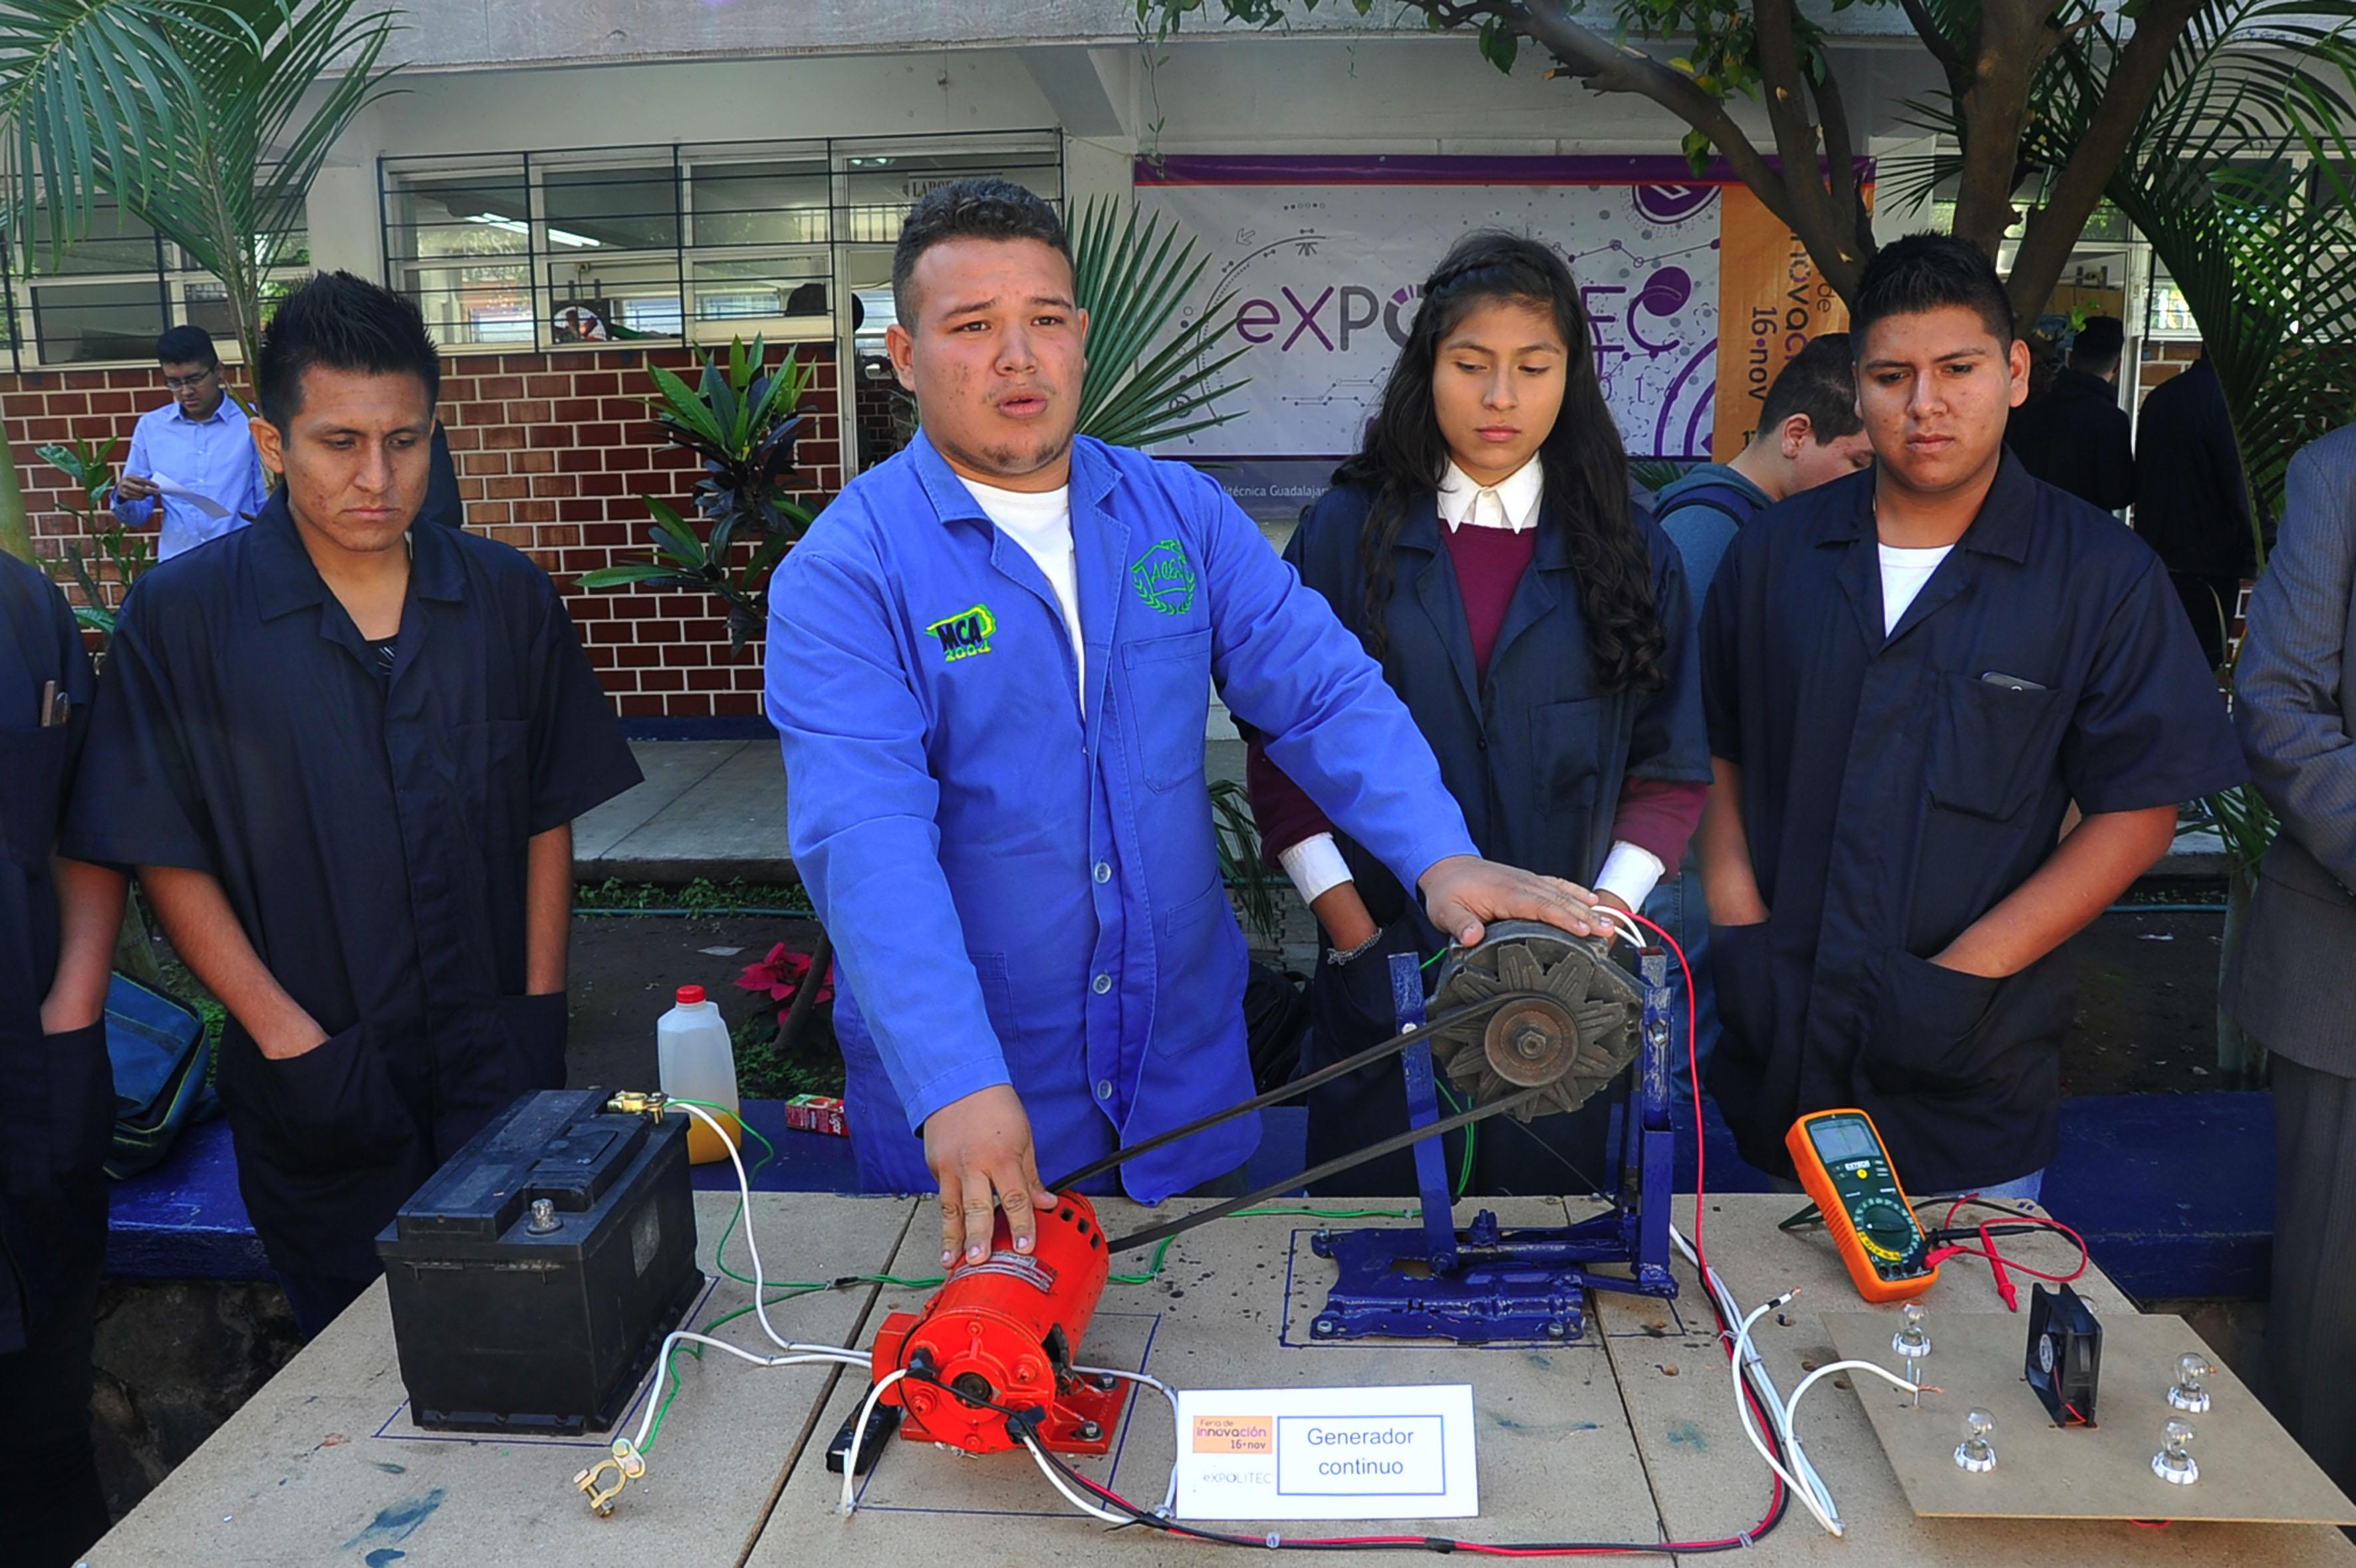 Estudiantes de la carrera de Tecnólogo Profesional en Mecánica Industrial, exhibiendo su proyecto en la Feria de Innovación Expolitec 2016.